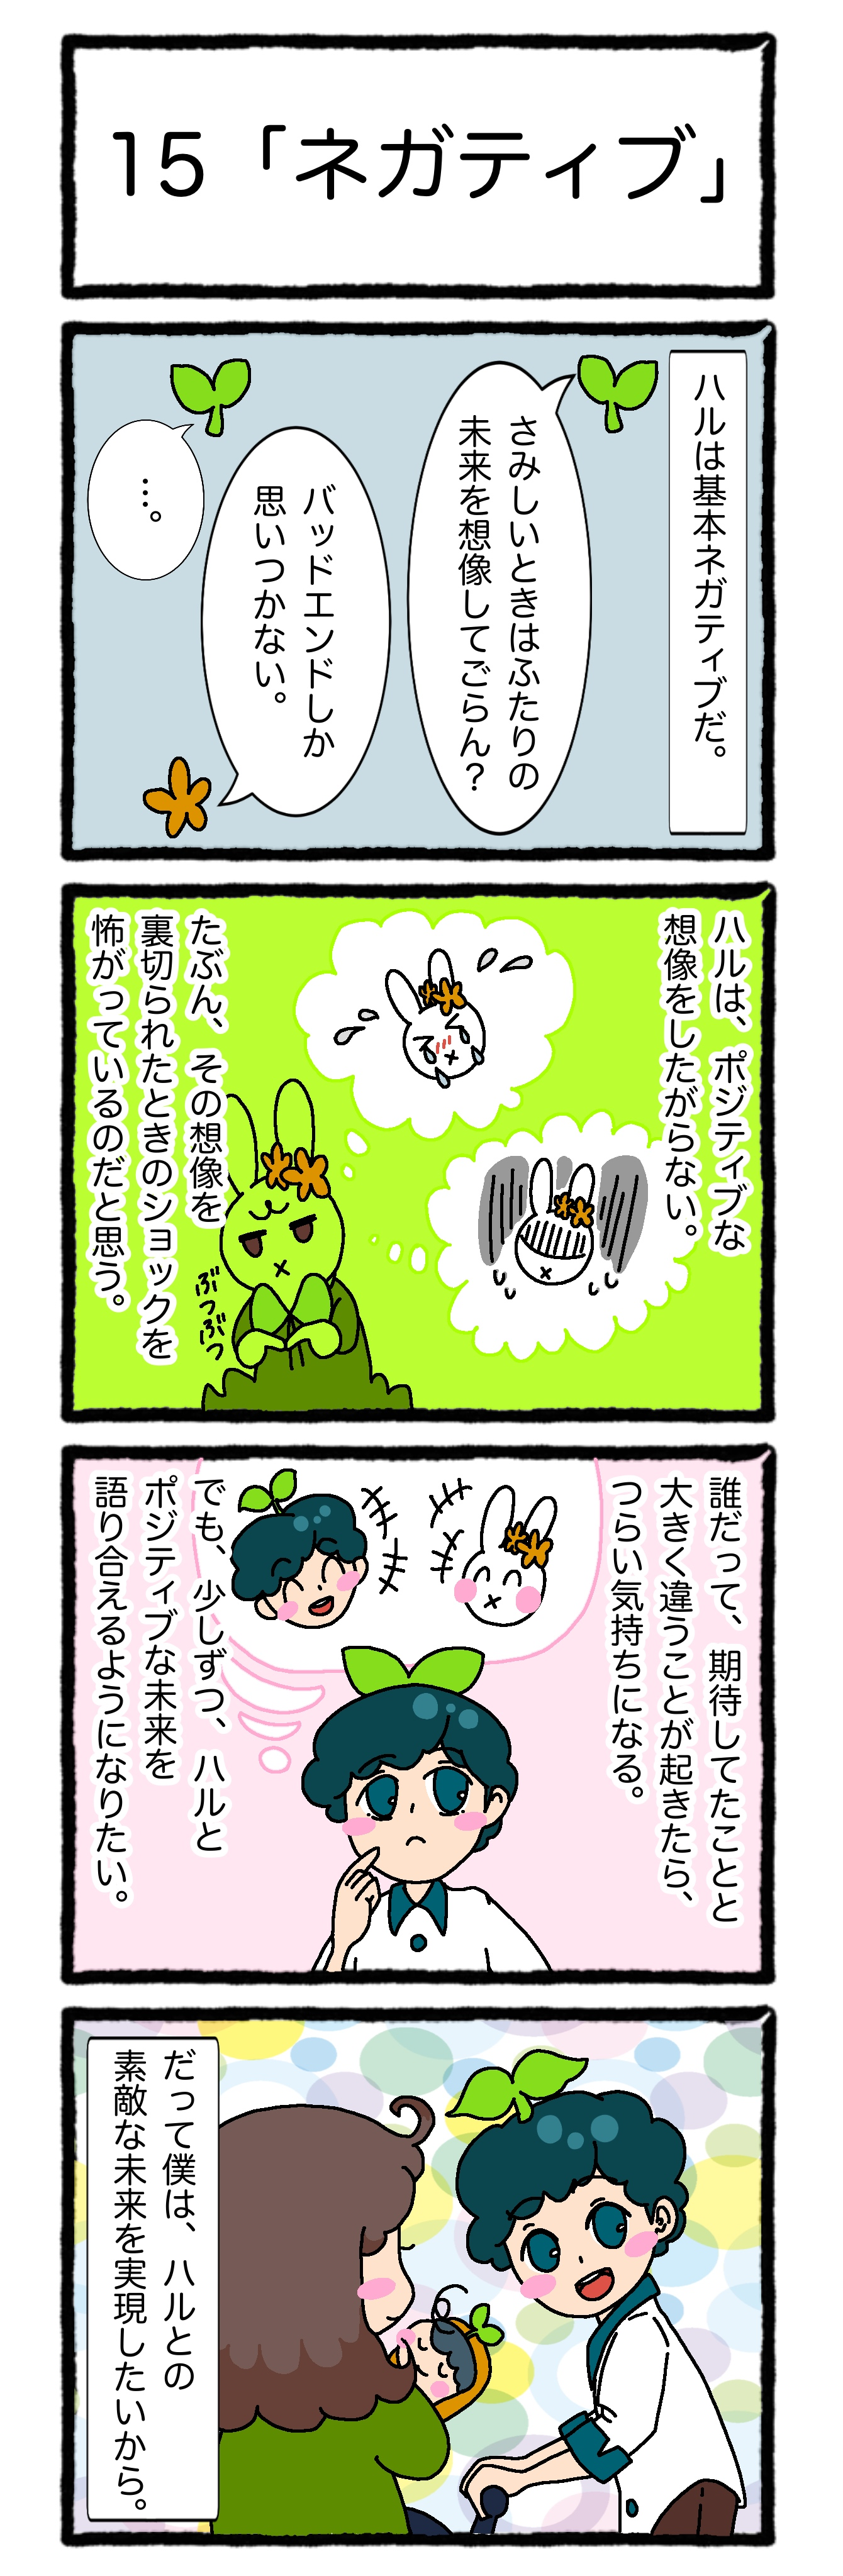 【4コマ漫画】ハルさんと。。(8)